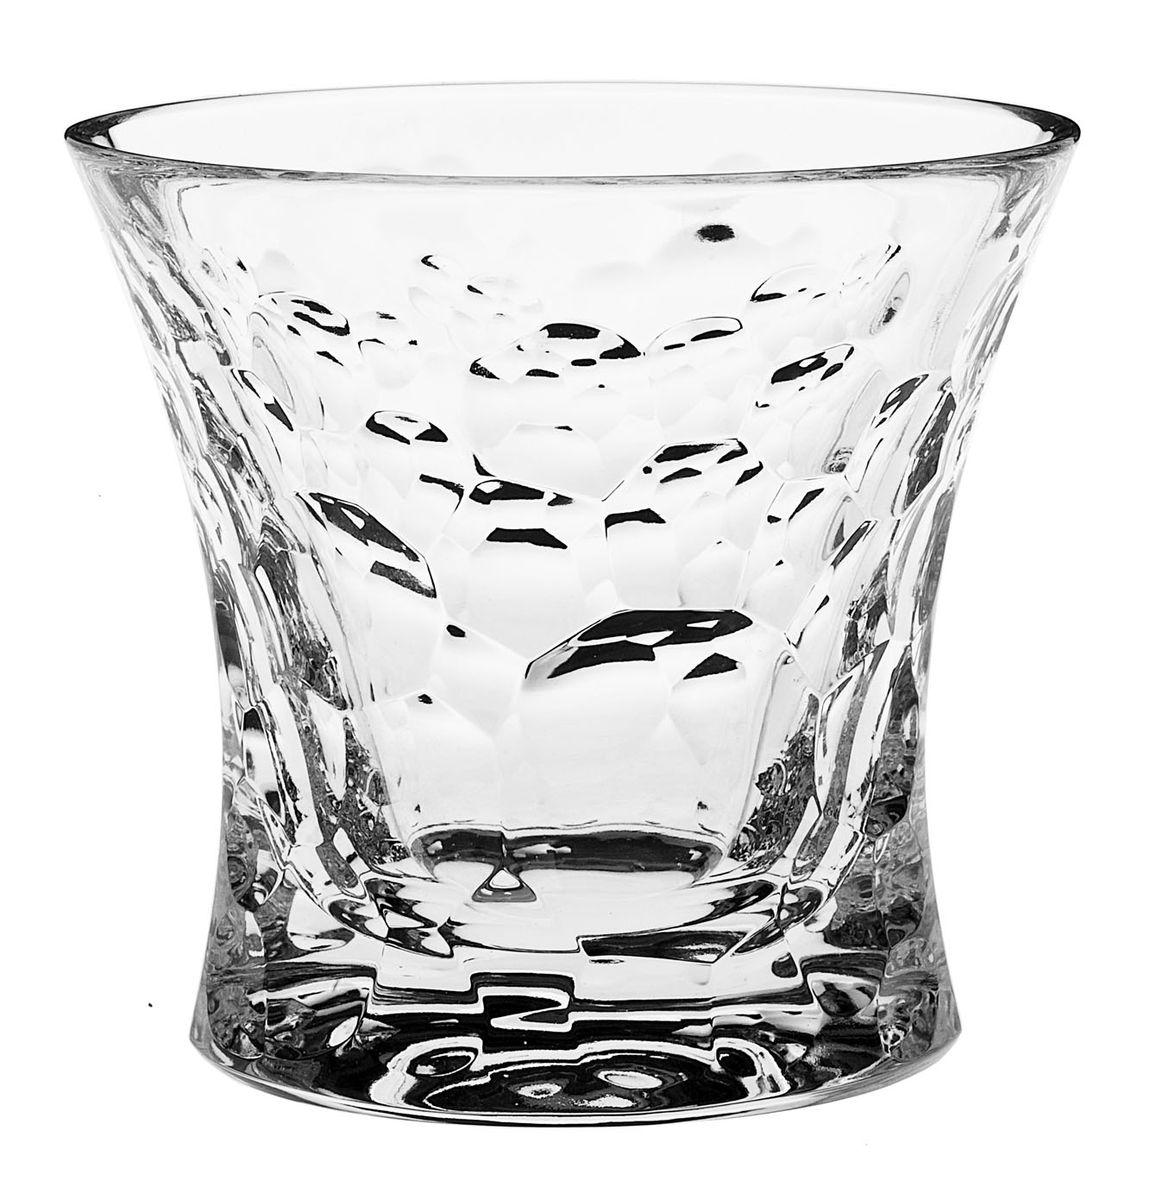 Набор стаканов Crystal Bohemia, 200 мл, 6 шт990/21204/0/05106/200-609Набор Crystal Bohemia состоит из шести стаканов. Изделия выполнены из хрусталя. Предметы набора имеют прозрачную поверхность и декорированы оригинальным рельефом. Они излучают приятный блеск и издают мелодичный звон. Набор Crystal Bohemia прекрасно оформит интерьер кабинета или гостиной и станет отличным дополнением бара. Такой набор также станет хорошим подарком к любому случаю. Диаметр стакана (по верхнему краю): 10 см. Высота стакана: 10 см. Размер дна стакана: 8,5 см х 7,5 см.